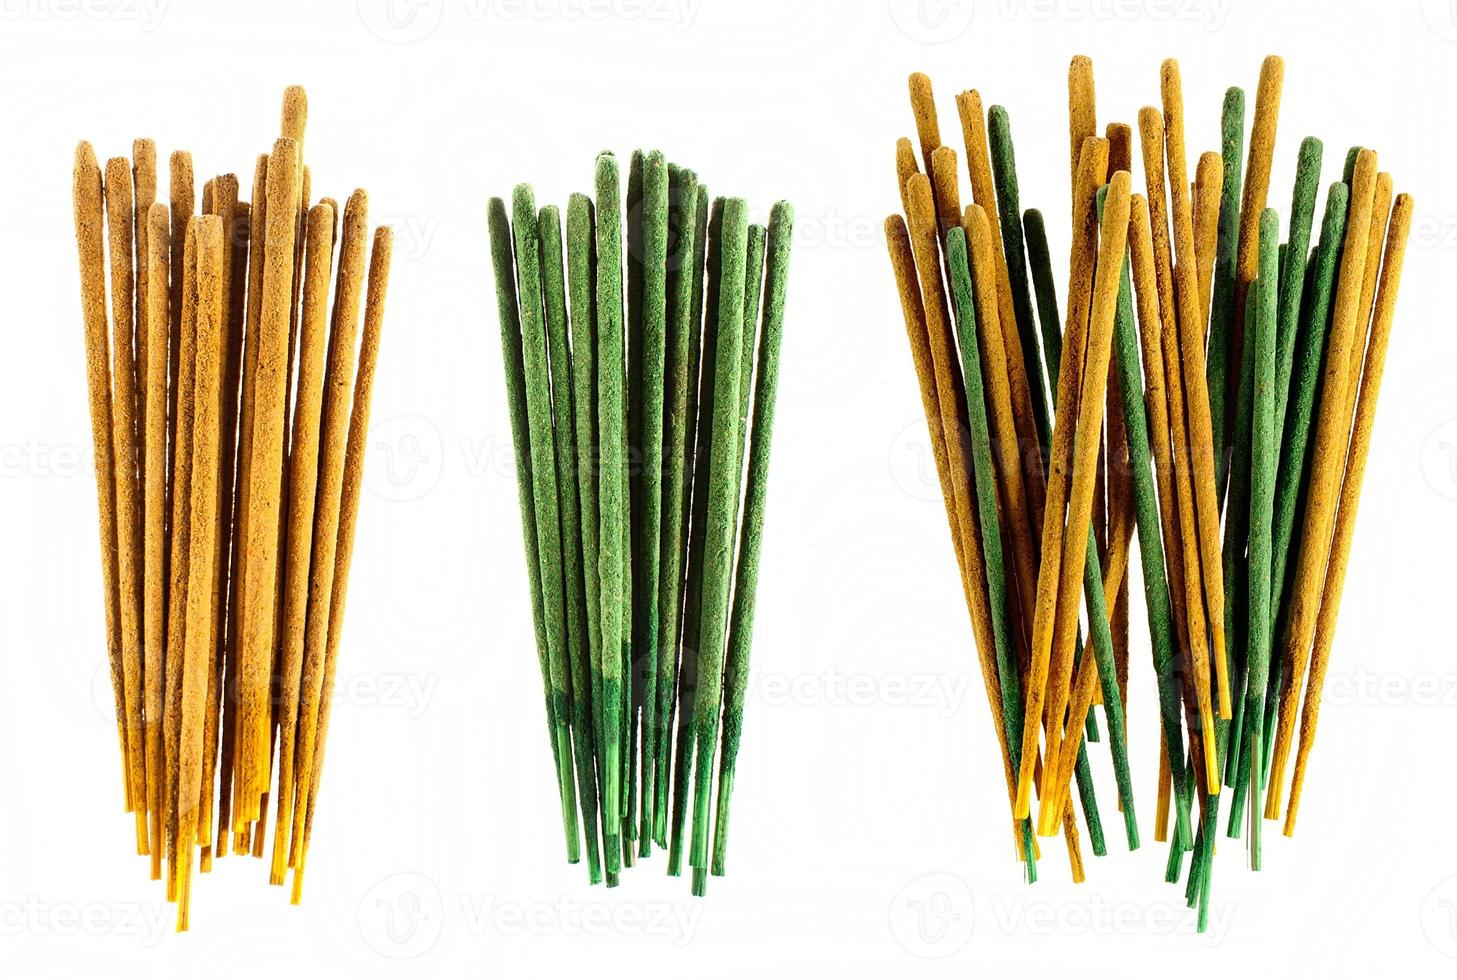 gruppi di bastoncini di incenso giallo e verde su sfondo bianco. foto